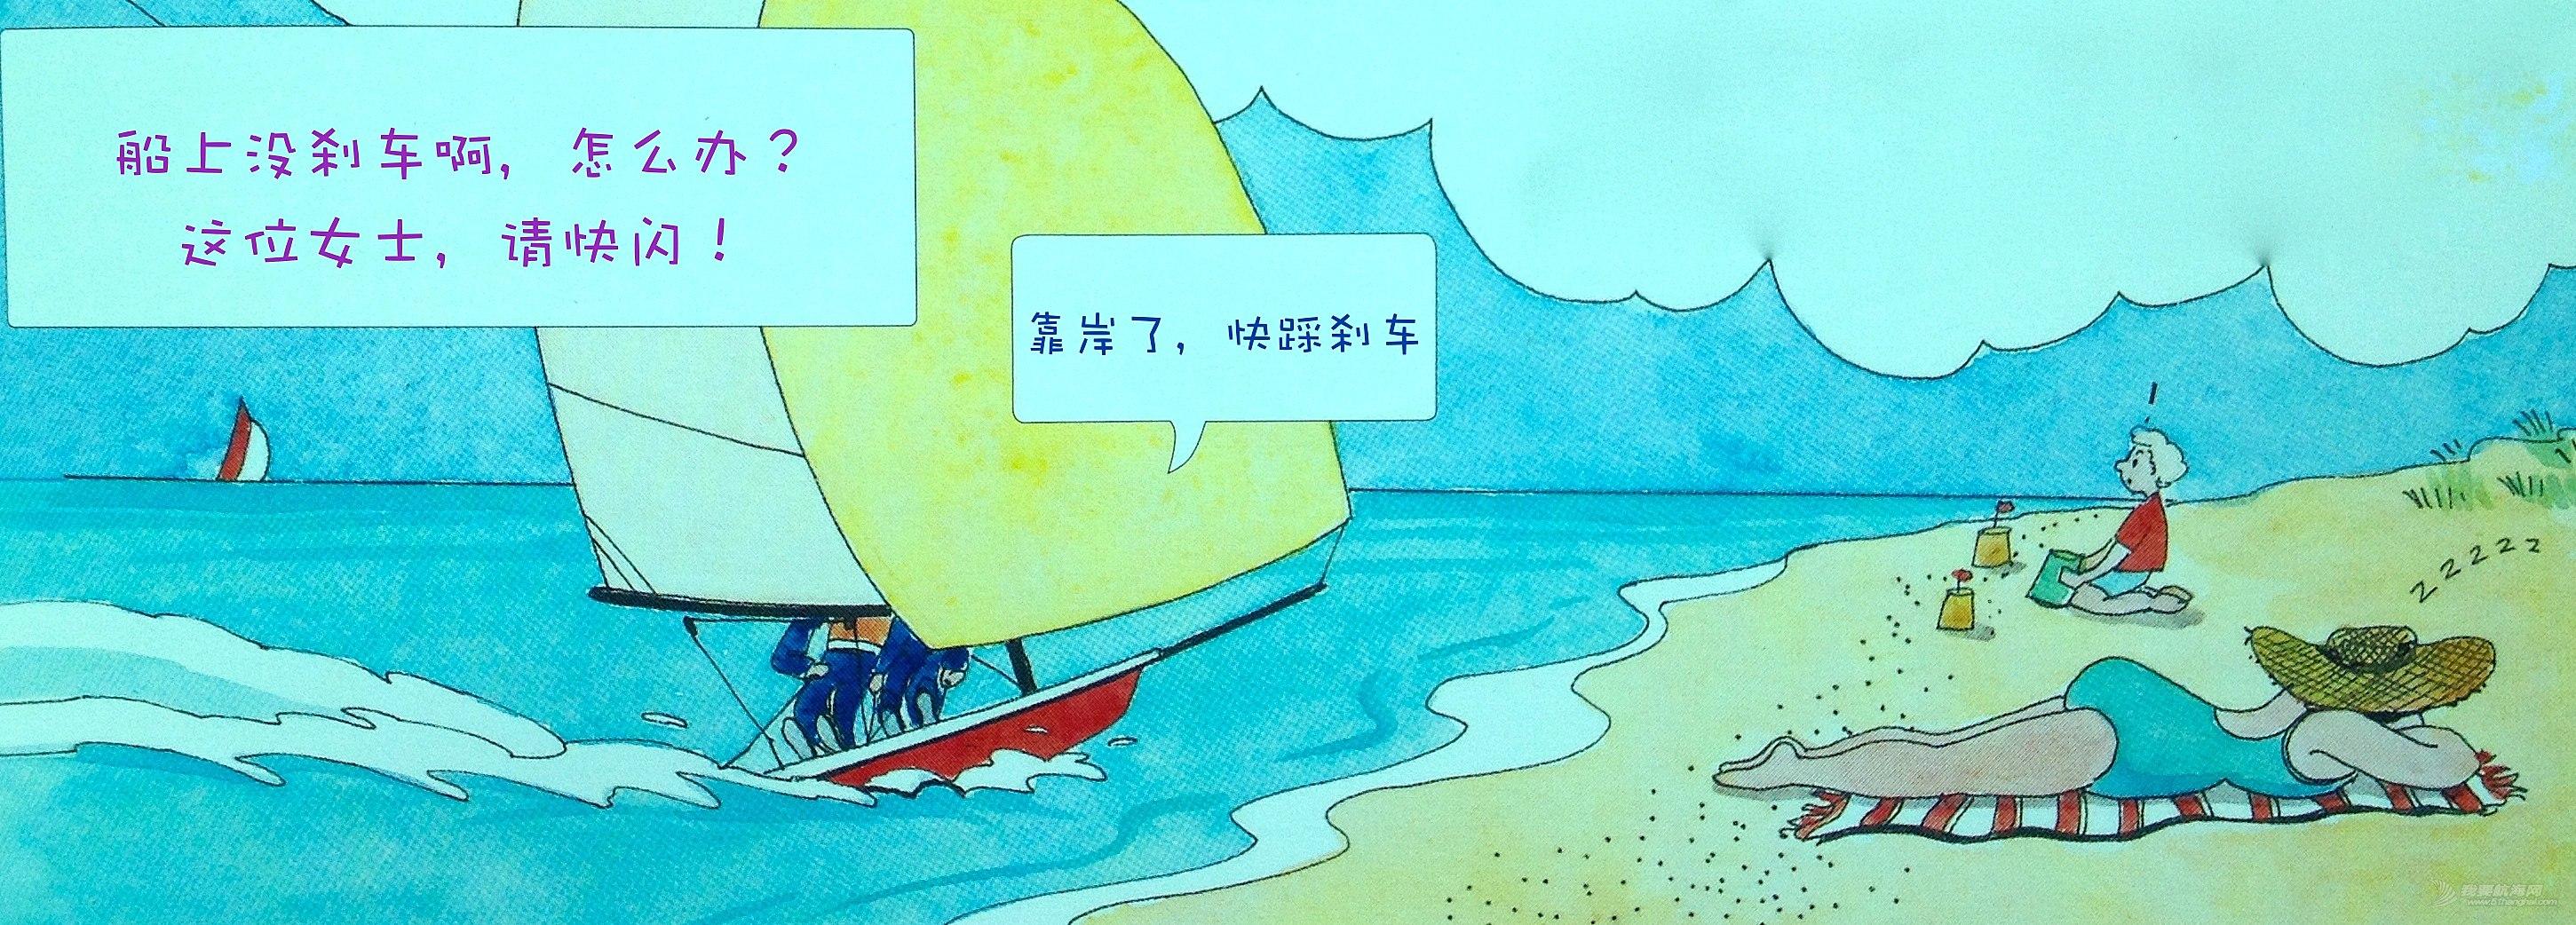 帆船,沙滩,技术 船只上下水:通常帆船可以从沙滩、浮动泊位、水泥地斜坡到出海和靠岸。